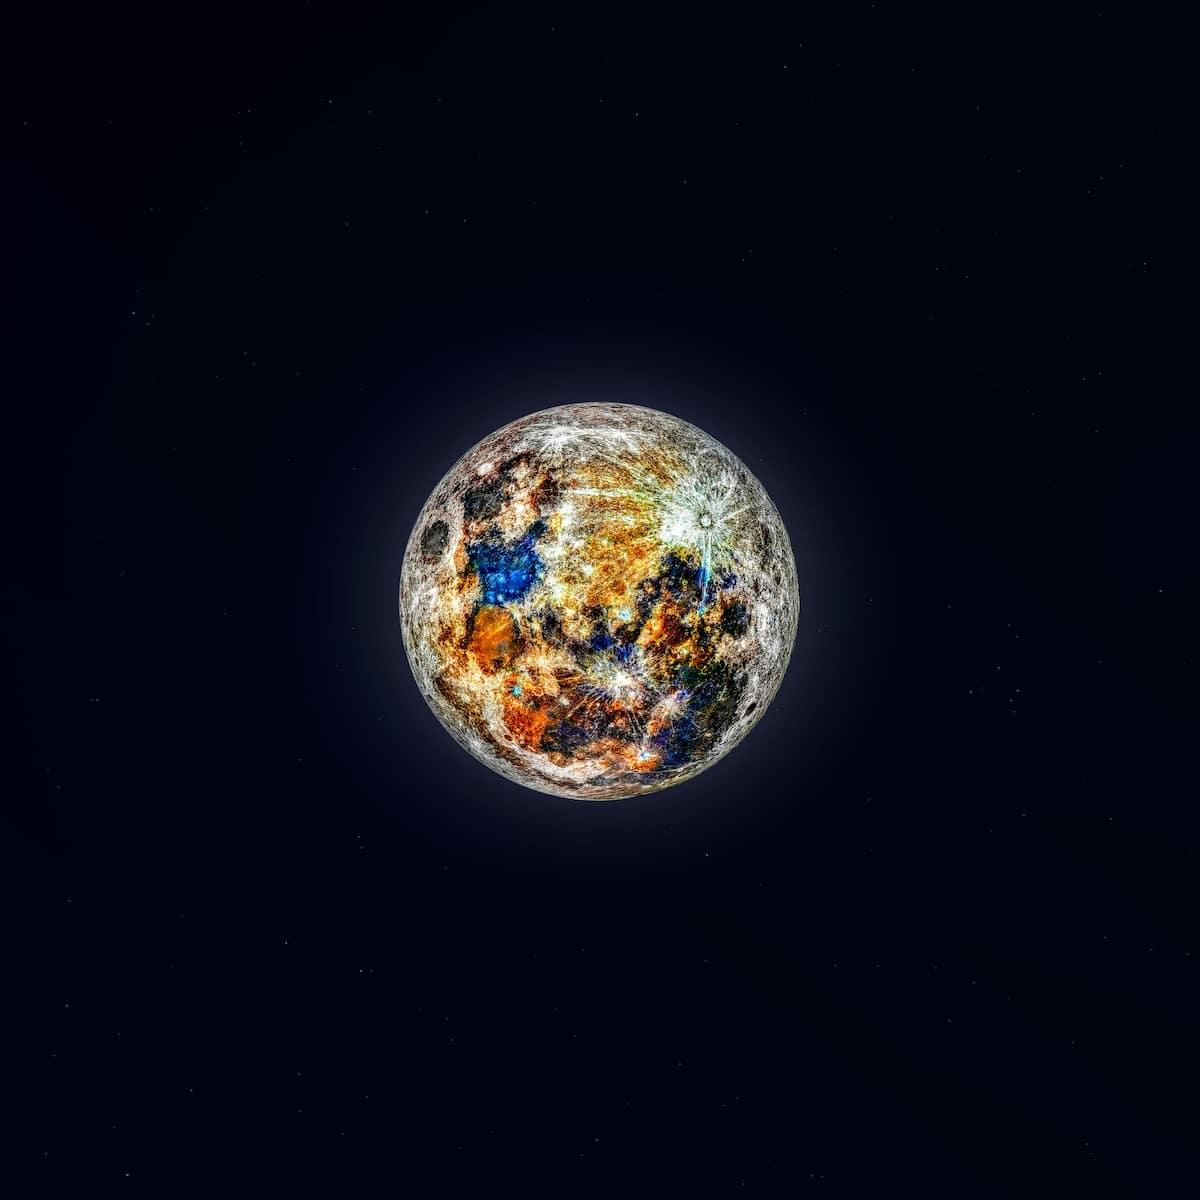 Andrew McCarthy - fotografía a color de la luna